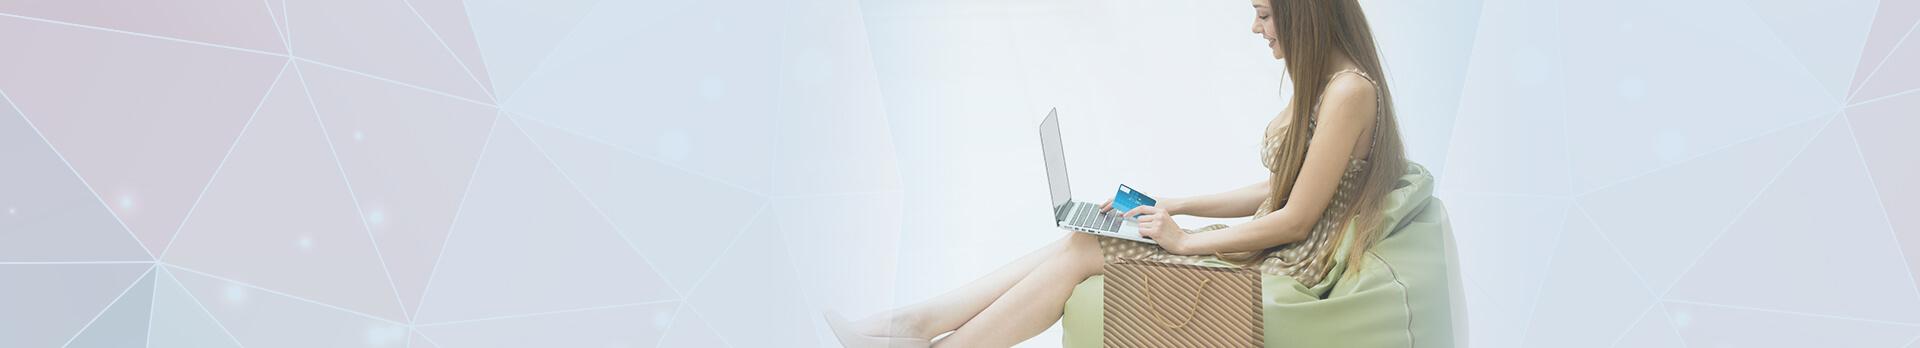 Разработка интернет-магазина от Webstydio Friendly